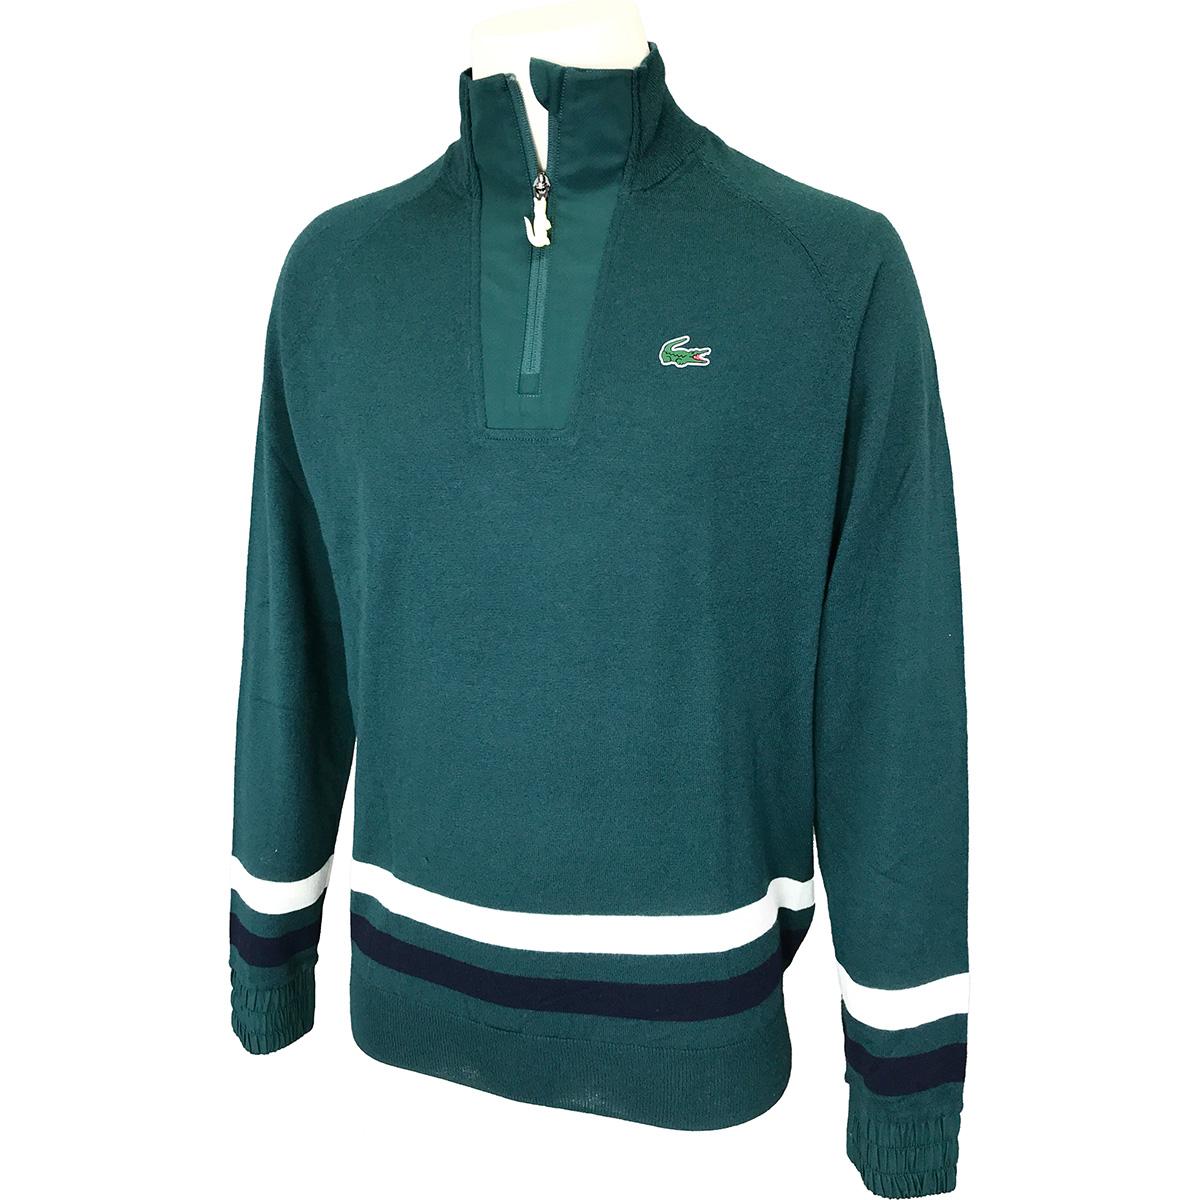 LACOSTE SPORT Coolmax(R) ハーフジップウールゴルフセーター